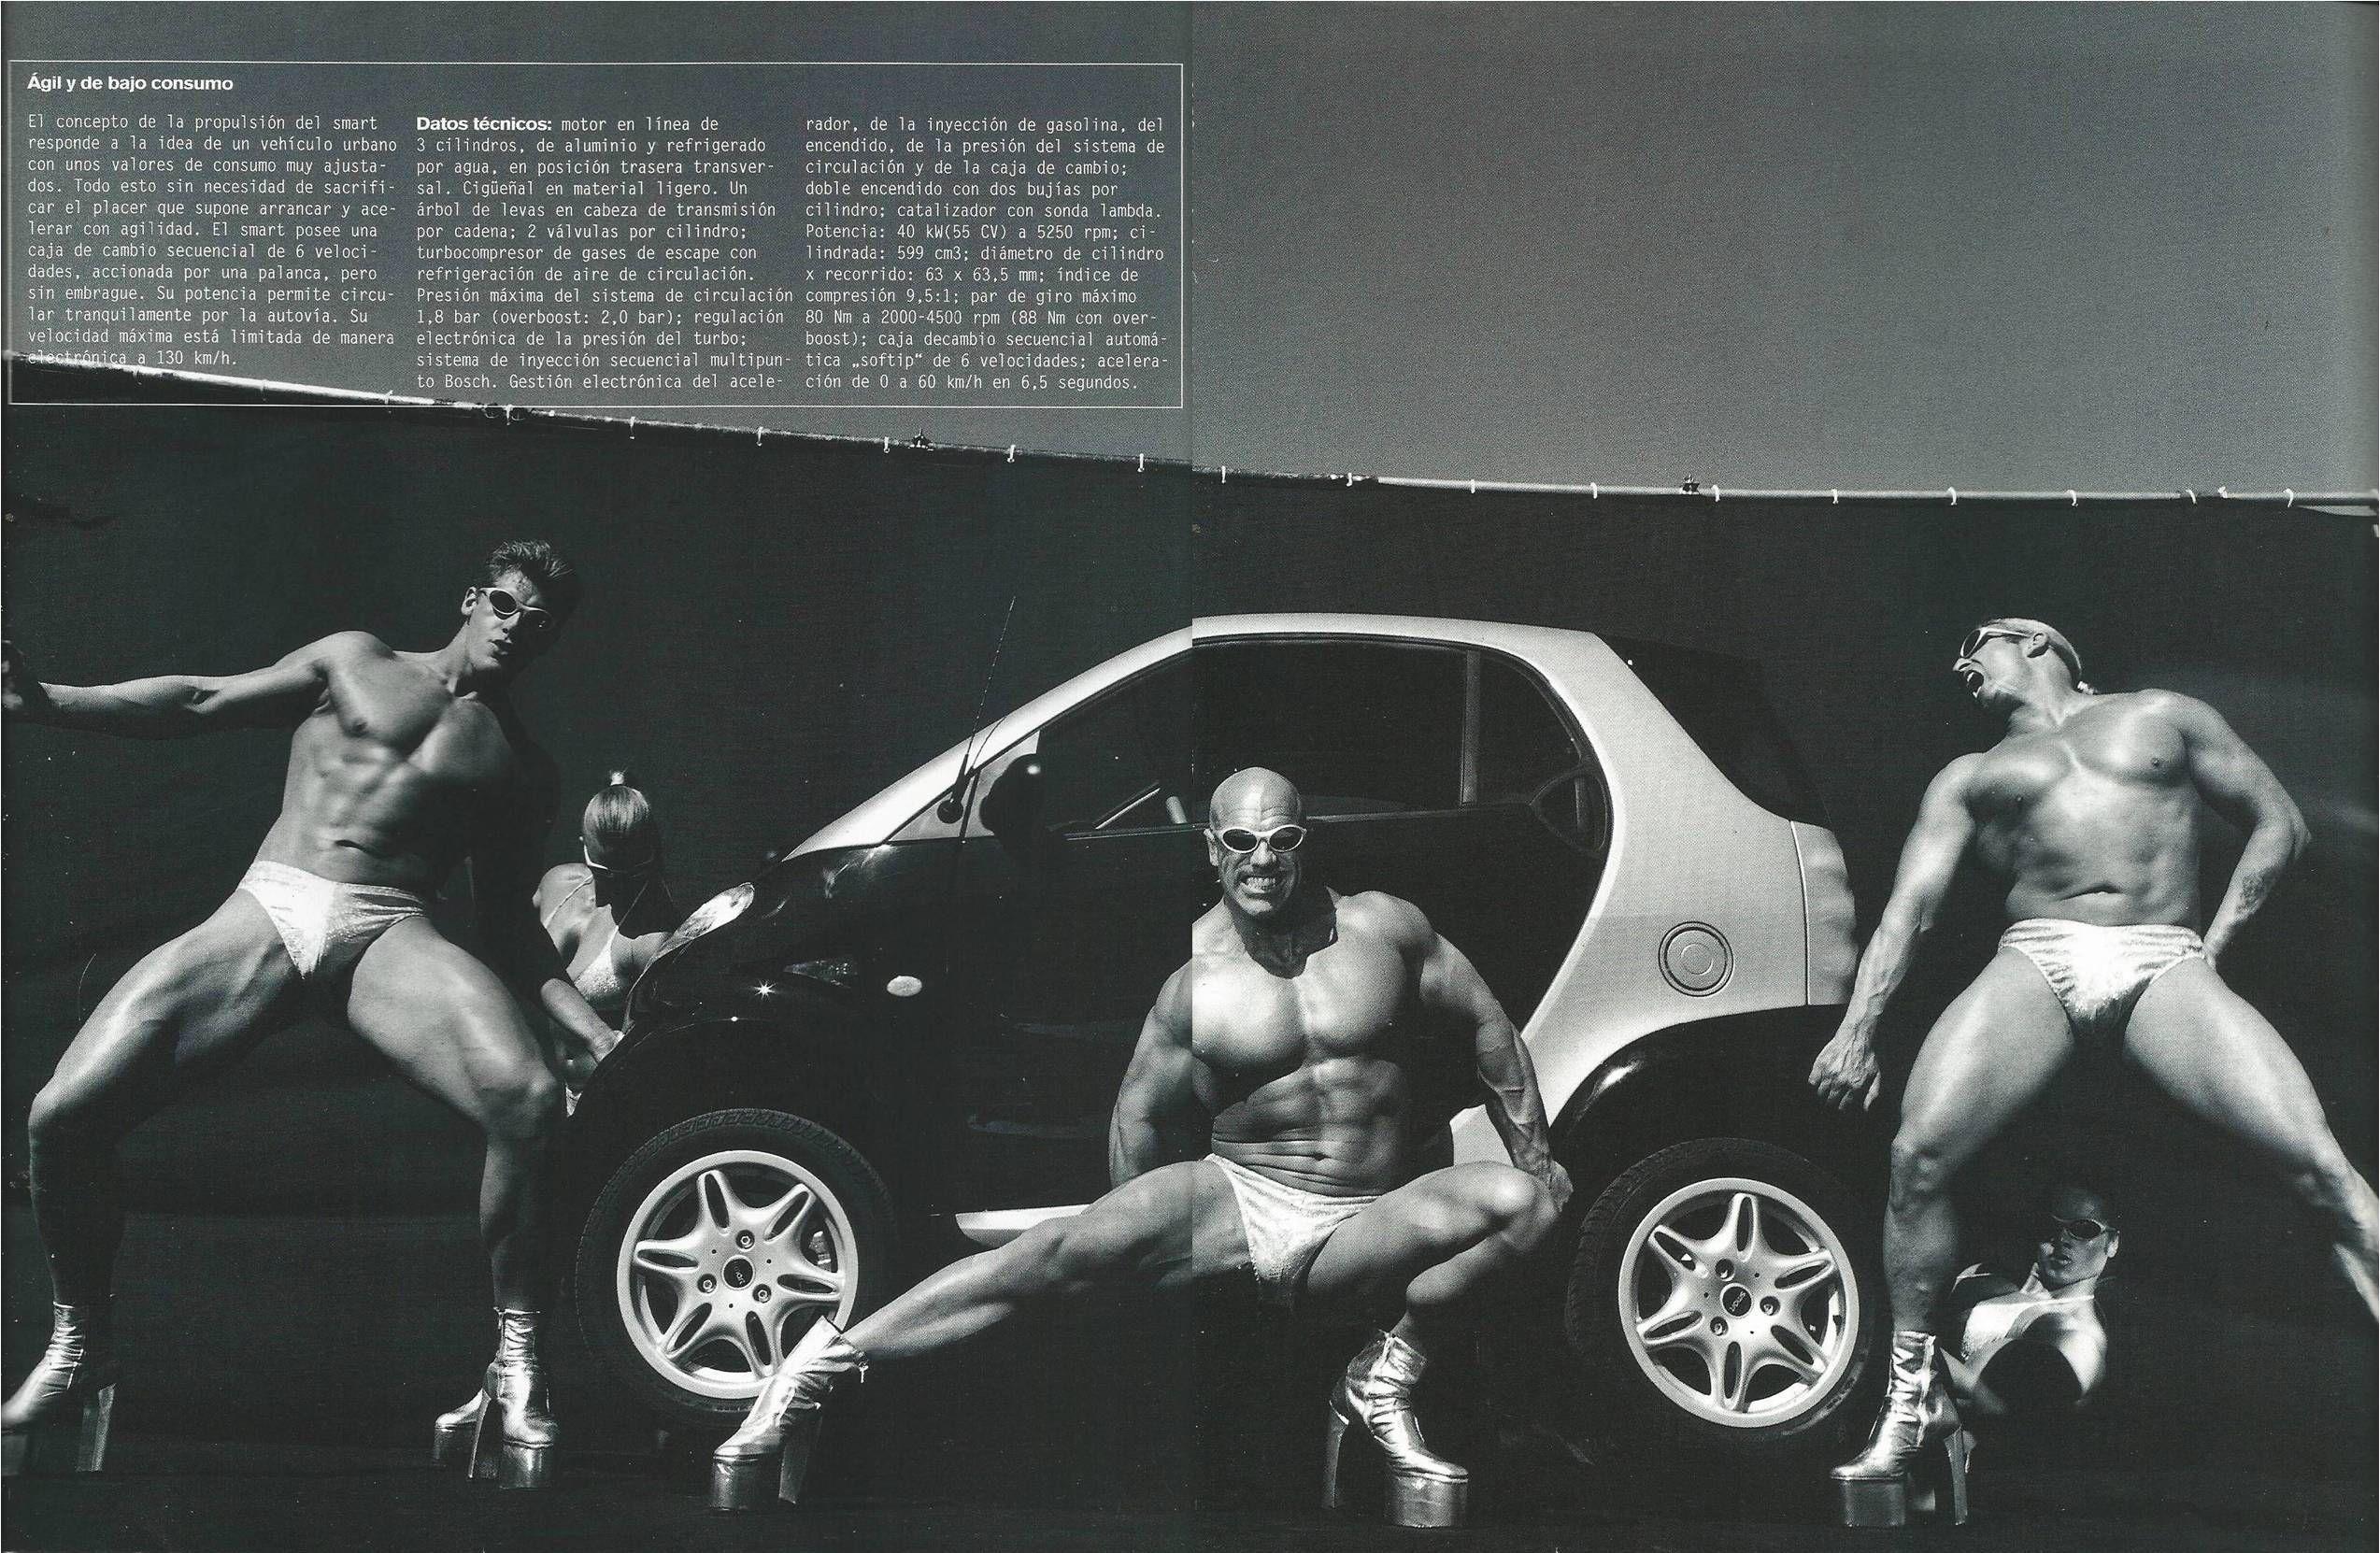 """Equipo de culturistas, por Max Vadukul. Extracto del libro promocional Smart """"Reduce to the max"""" 1998."""